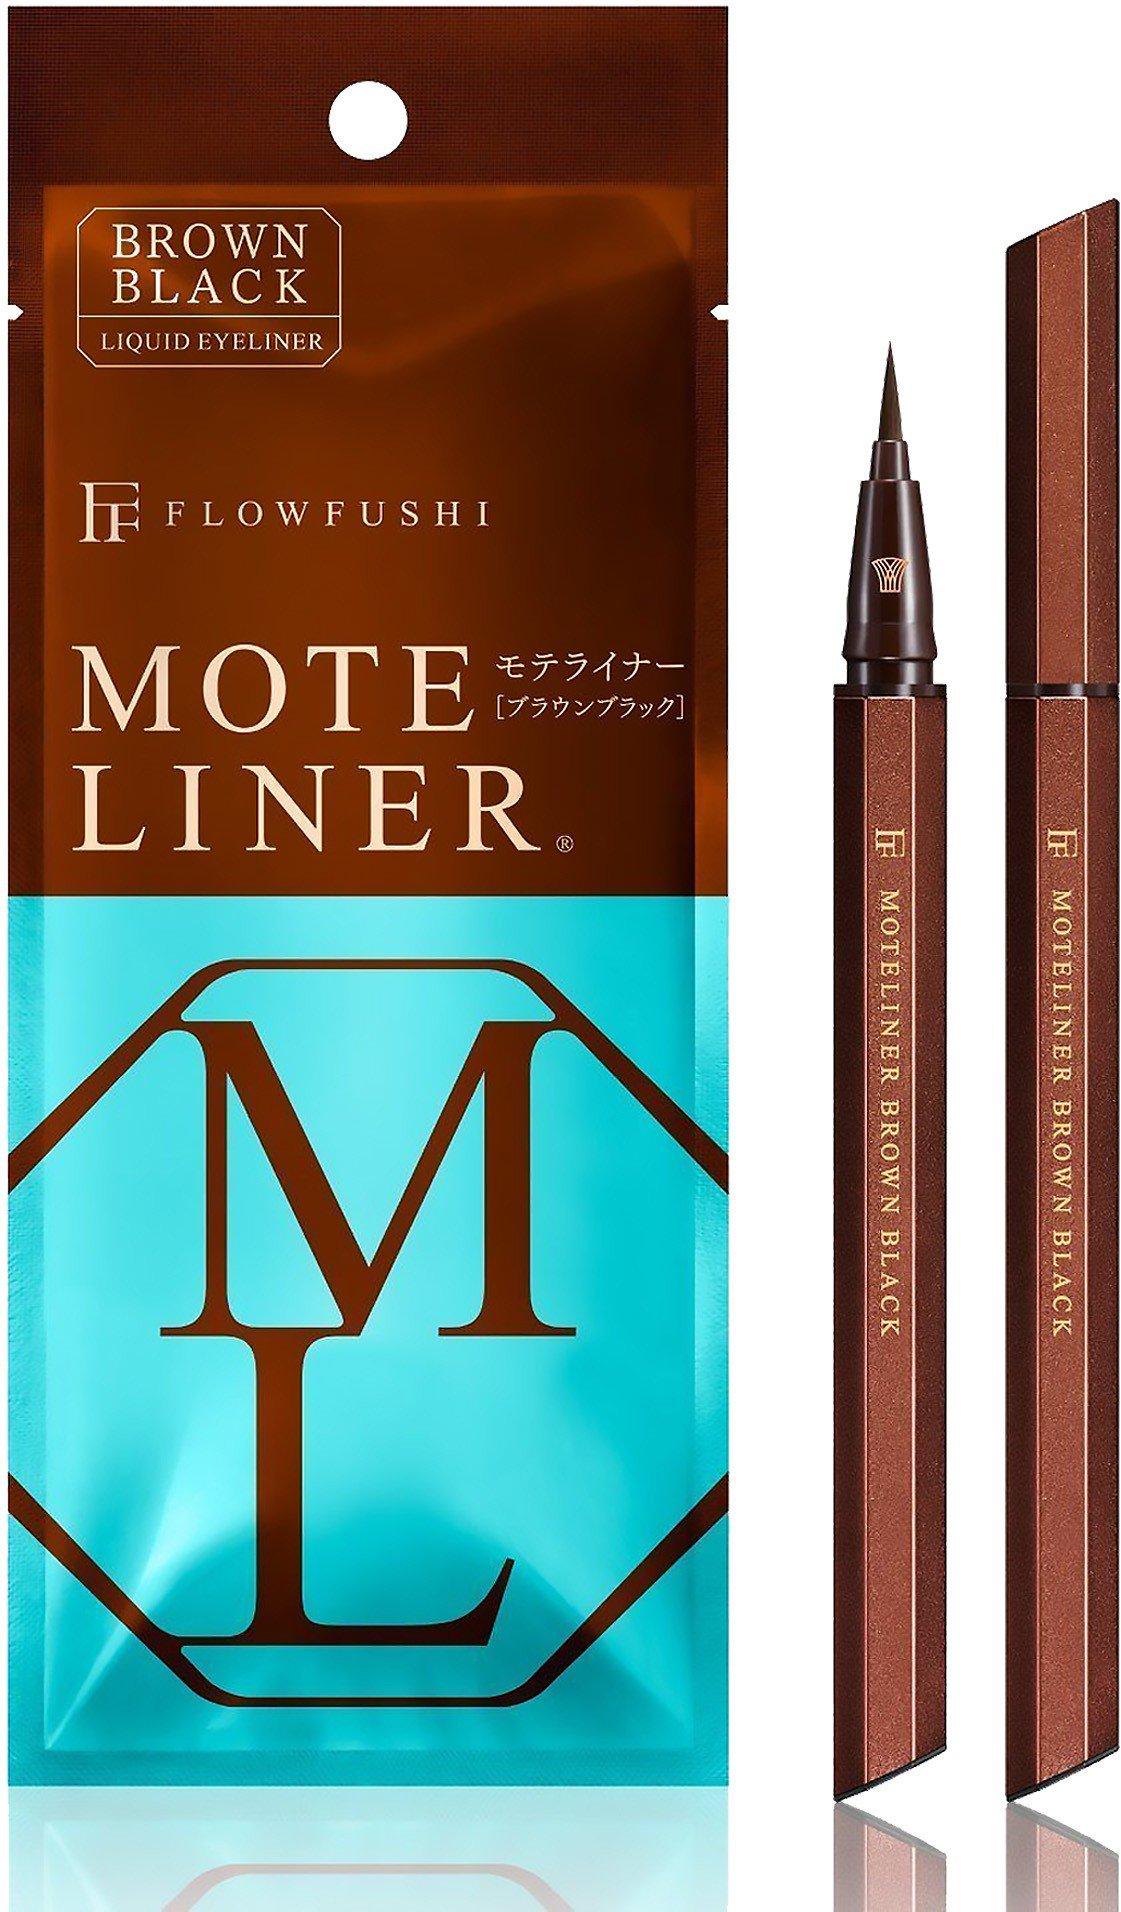 外國旅客最愛買彩妝類TOP 2:MOTELINER大和匠筆眼線液黑棕色,售價65...